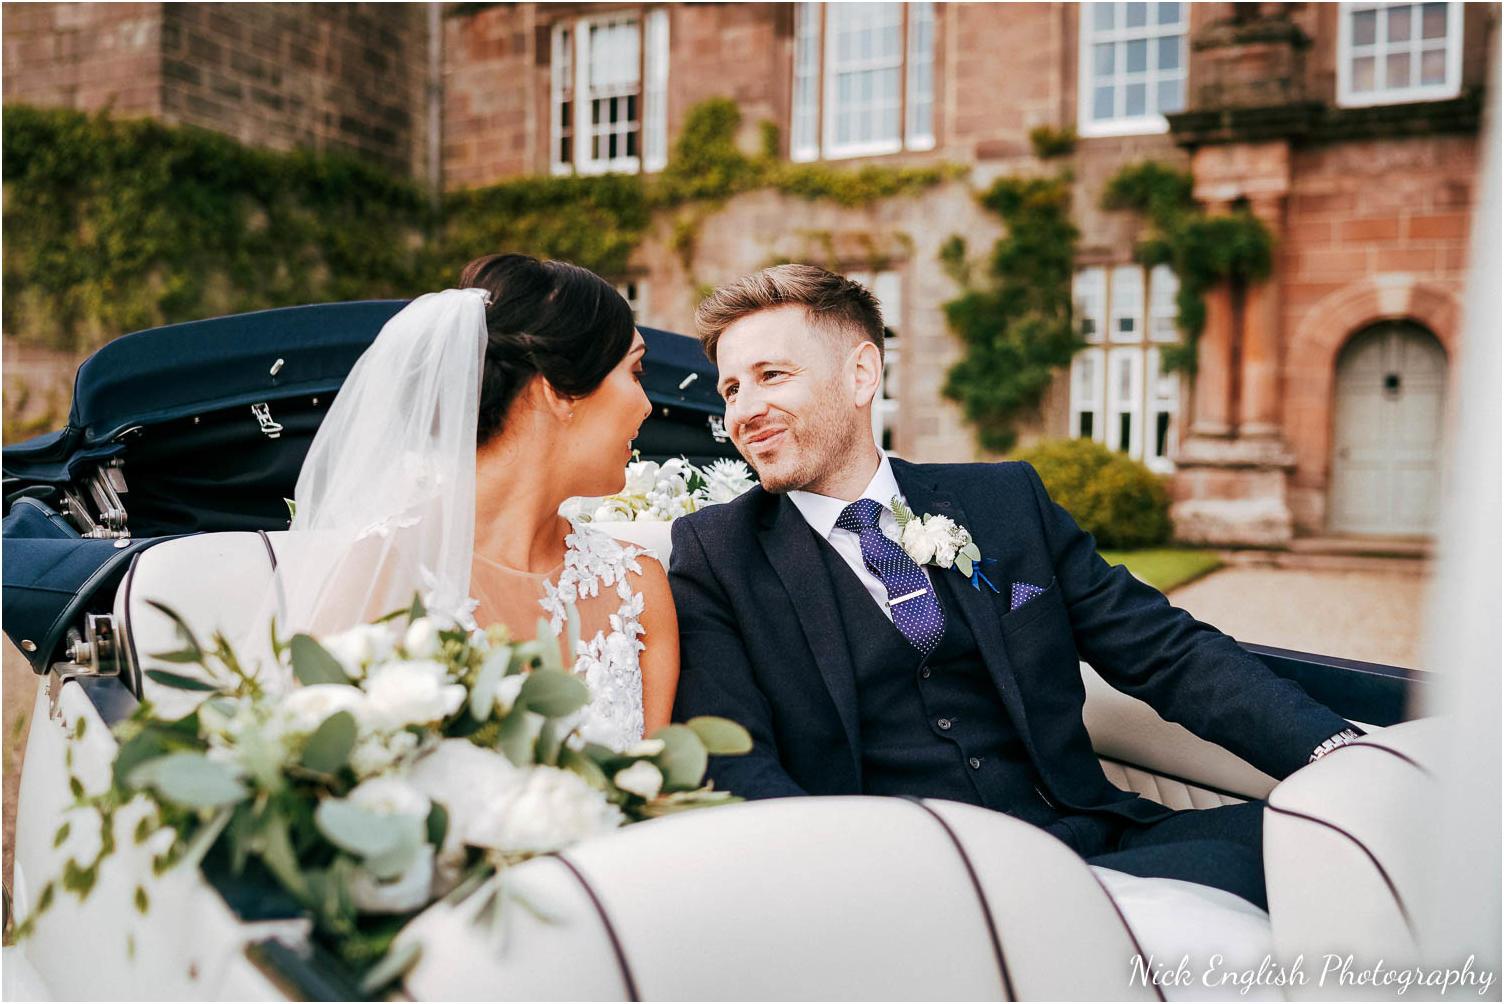 Browsholme_Hall_Barn_Wedding_Nick_English_Photography-81.jpg